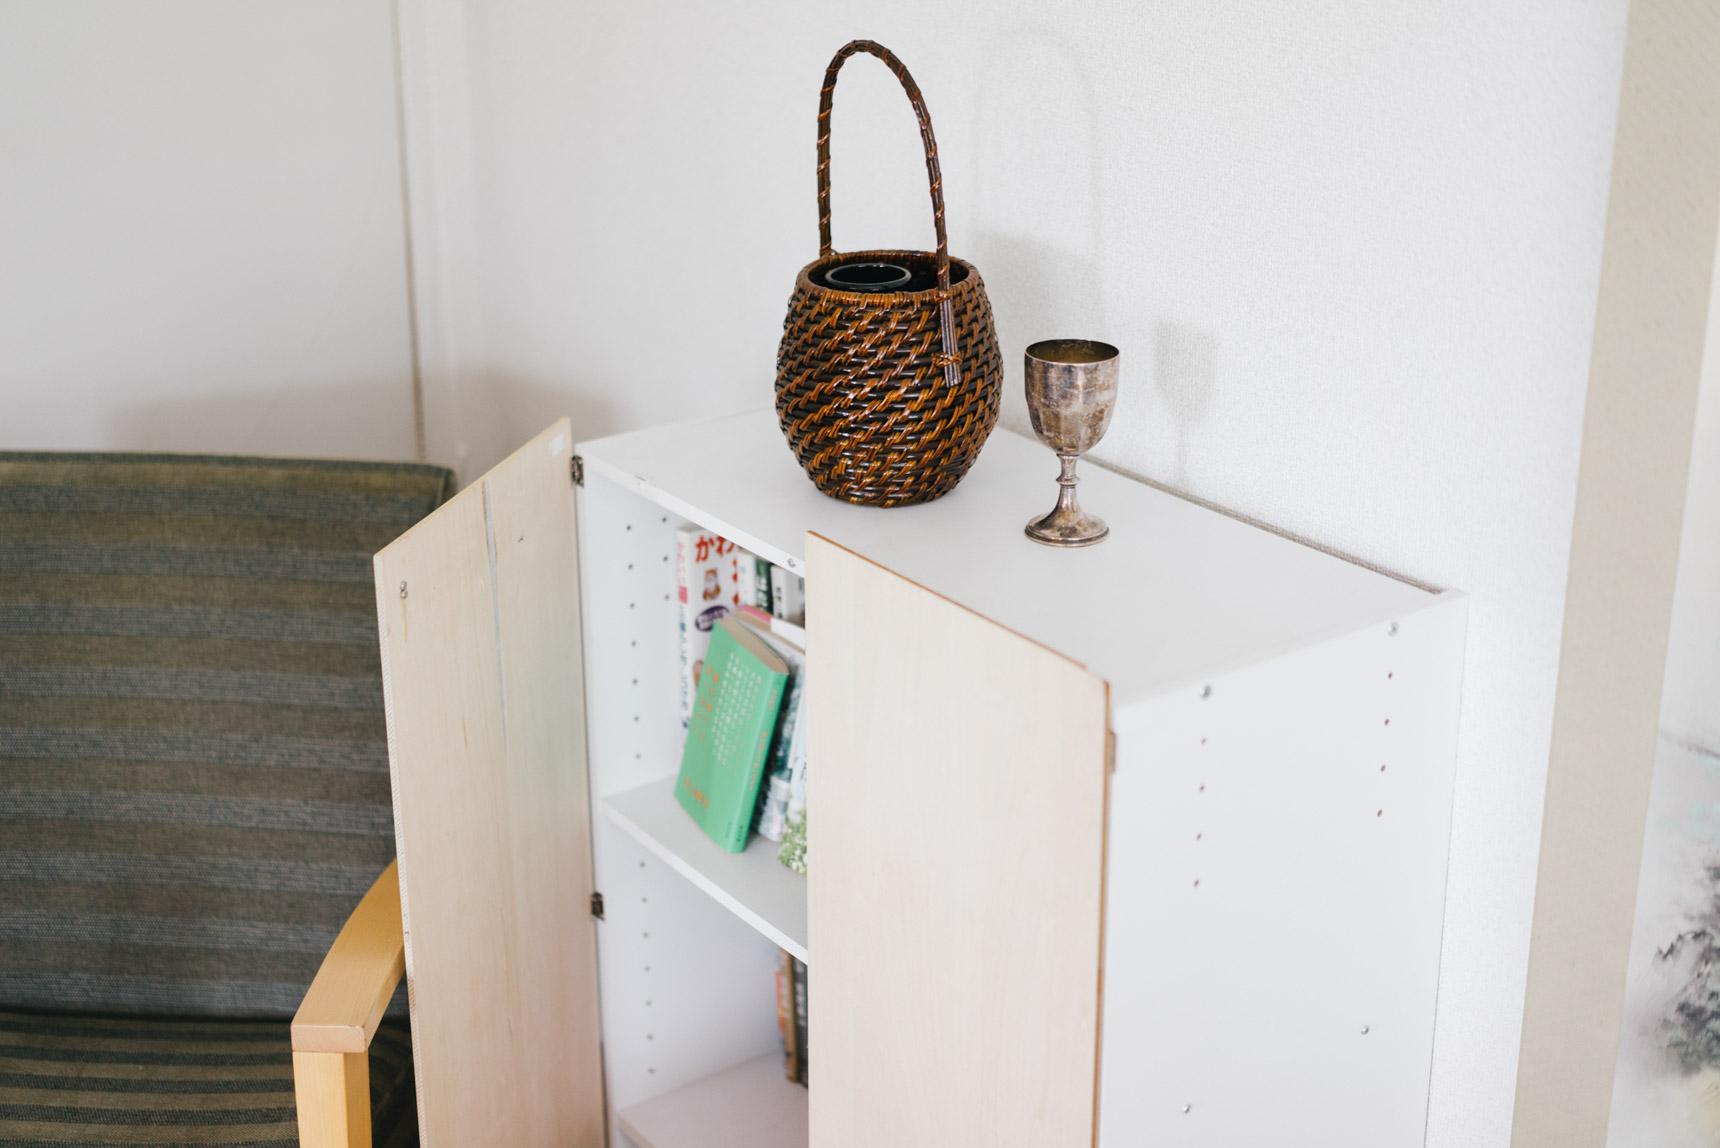 カラーボックスなどの棚に収納するときも、扉つきのものを選ぶとすっきり見えます。蝶番とマグネットを使って、簡単に扉を自作することもできますよ。(このお部屋はこちら)